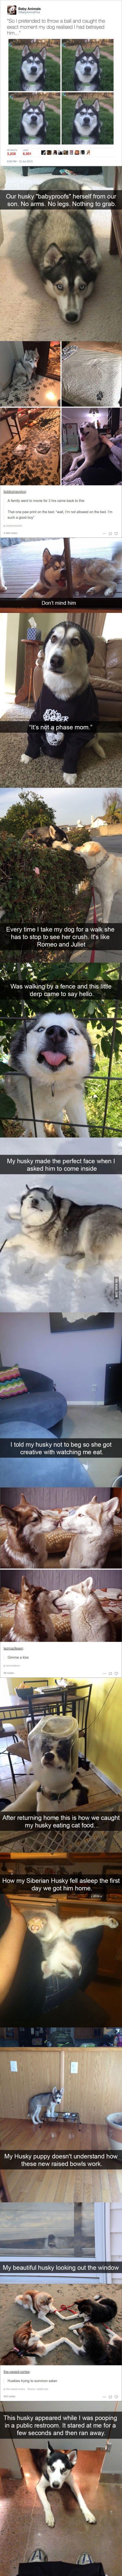 Hilarious Huskies